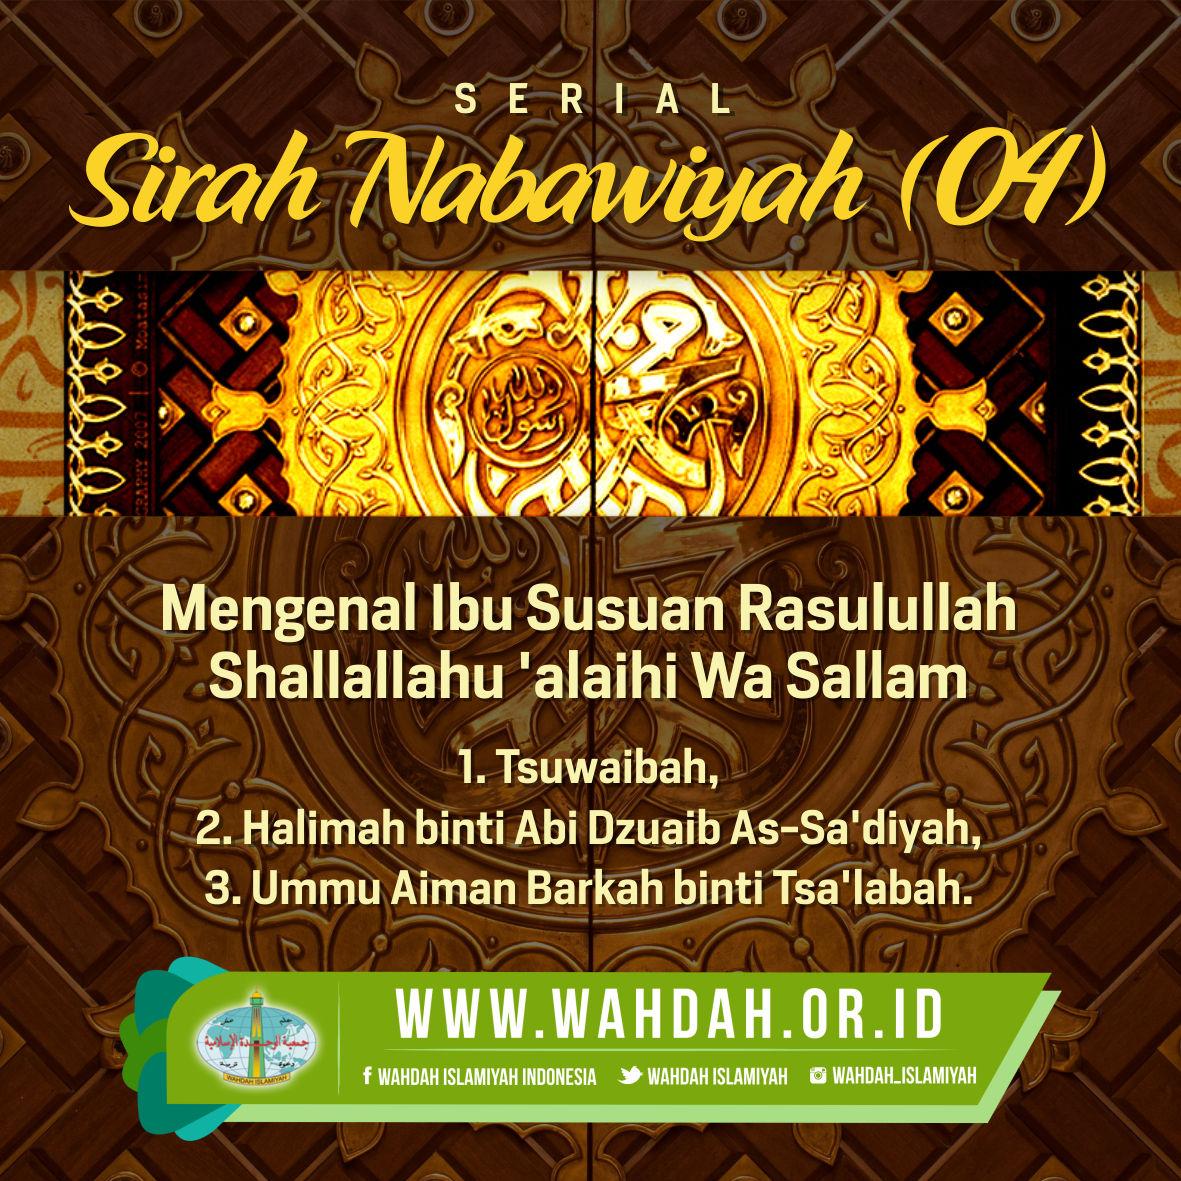 Mengenal Ibu Susuan Rasulullah Shallallahu Alaihi Wa Sallam Wahdah Islamiyah